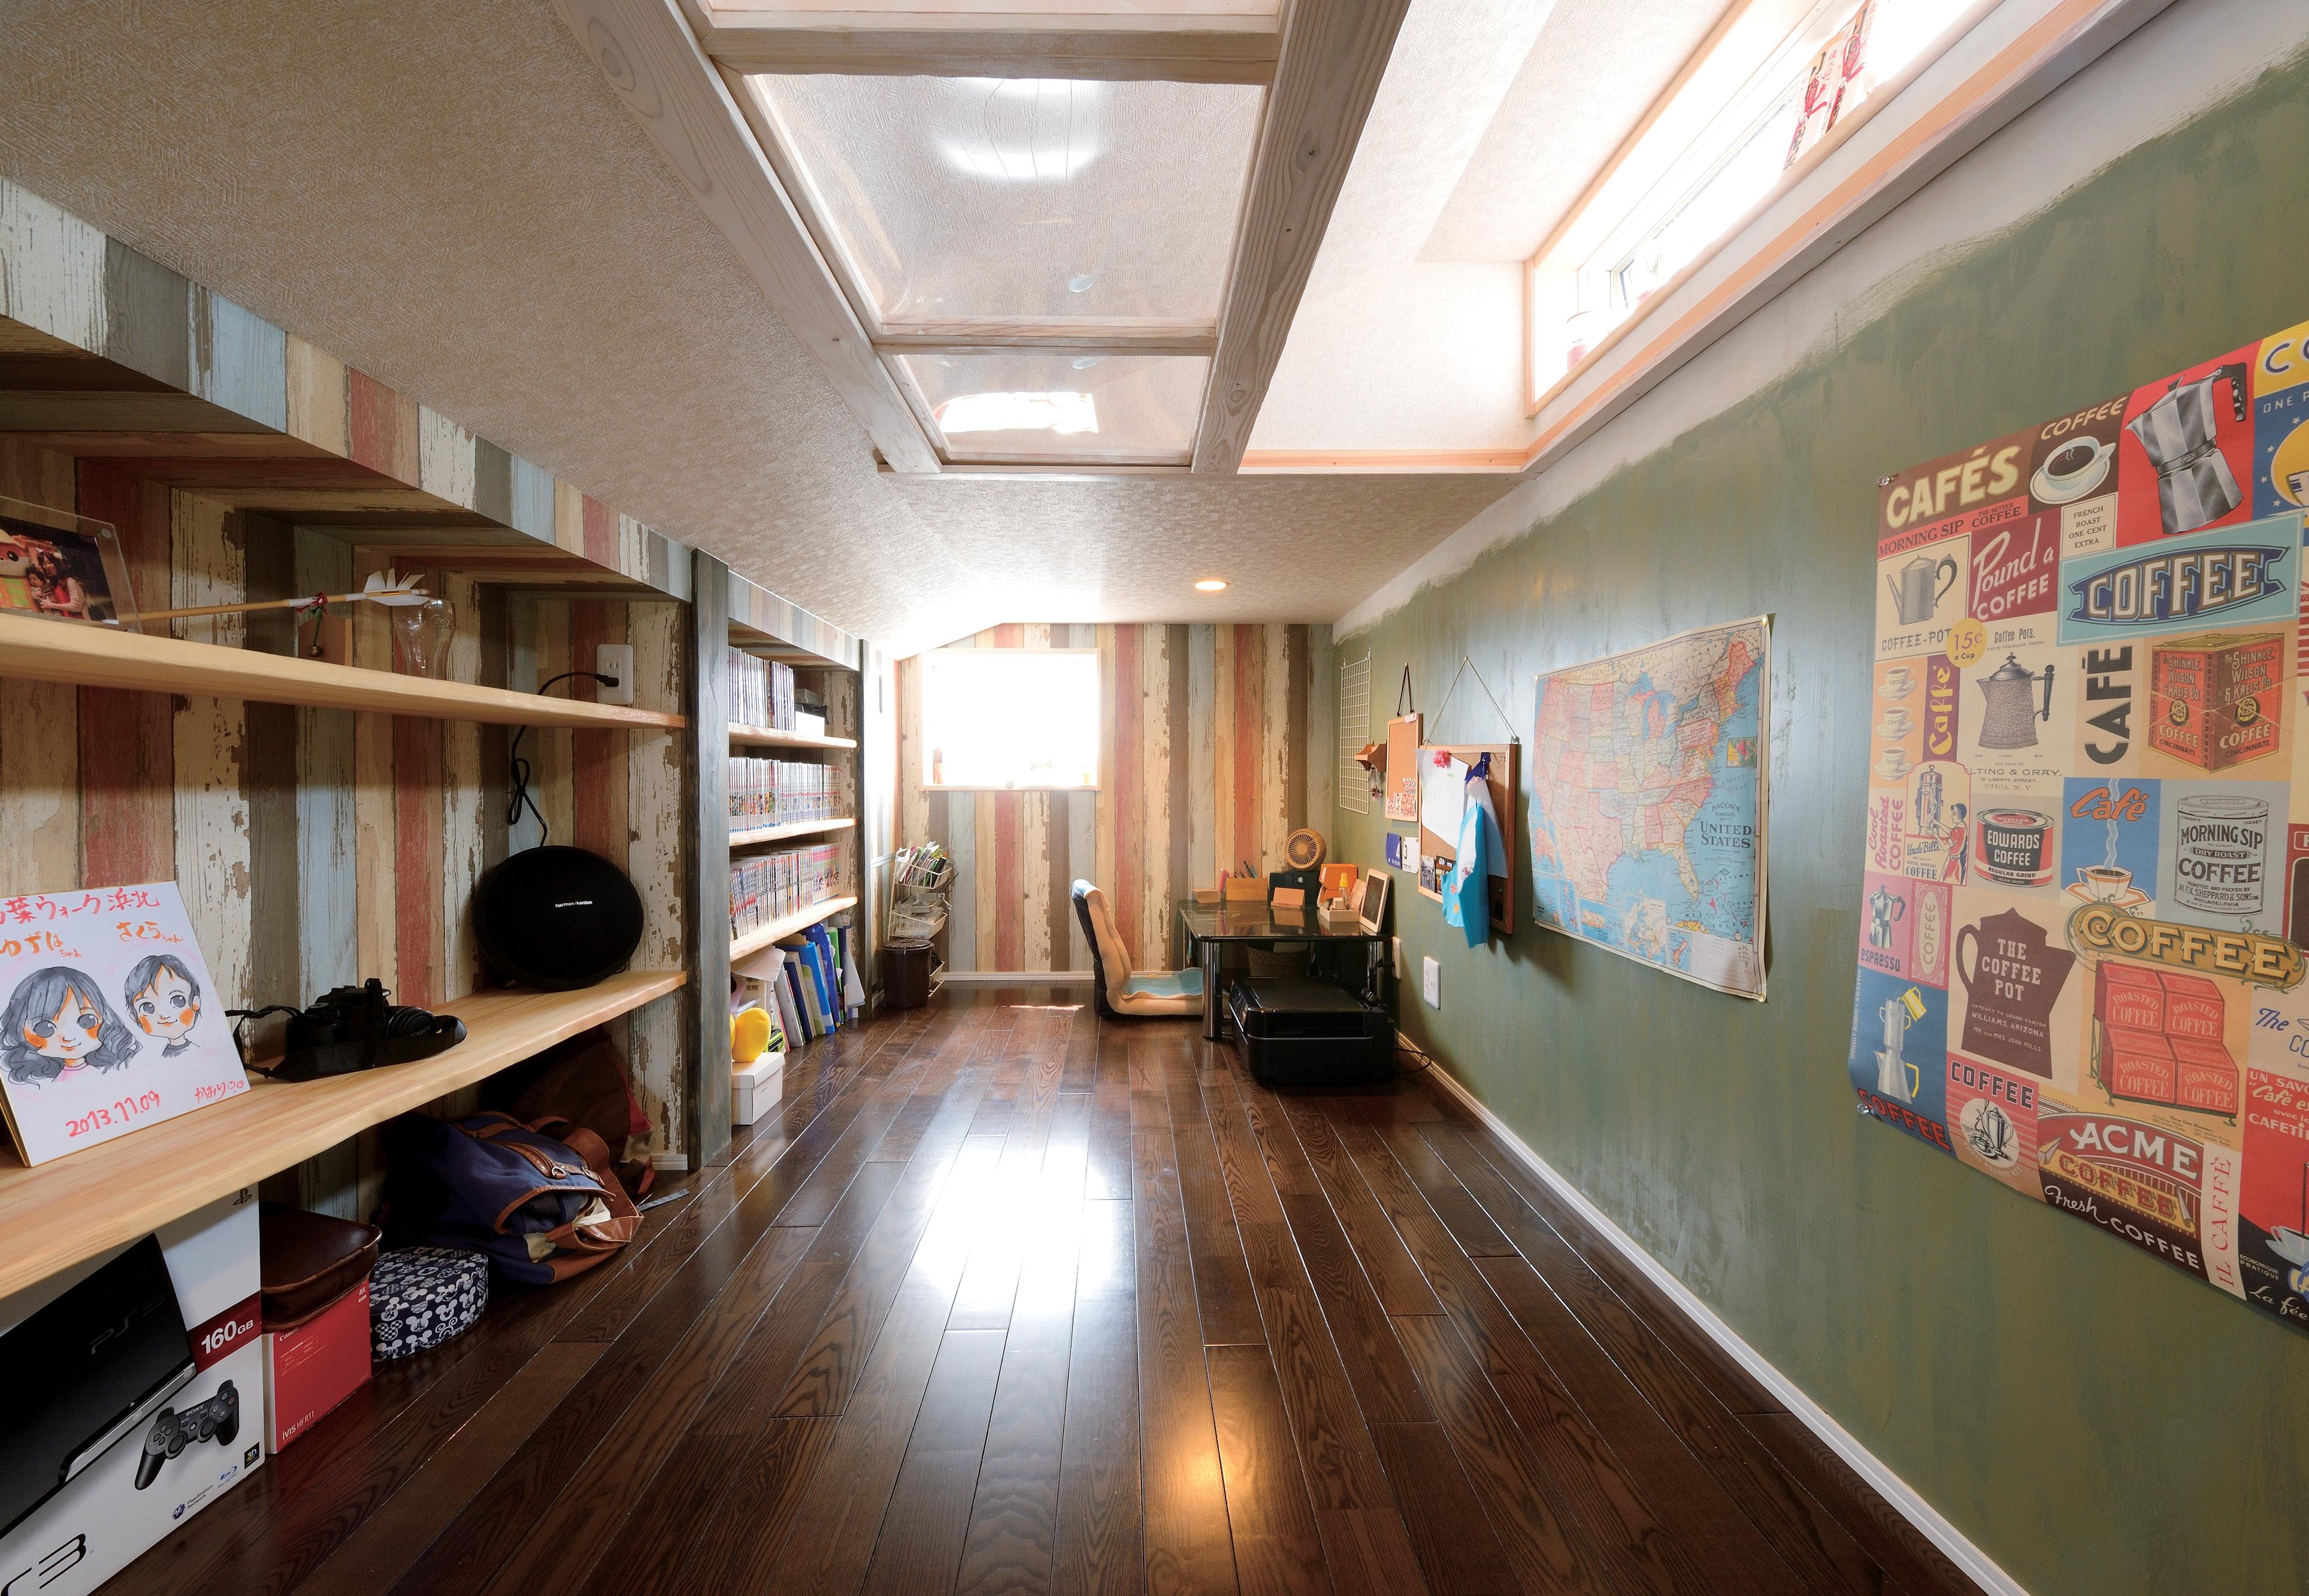 アキケンチク【1000万円台、子育て、自然素材】6畳の小屋裏収納はご主人専用の「男の隠れ家」。アクリルの透明ガラスを採用し、明るさを確保。ムラのある塗装やクロスは『アキケンチク』の代名詞